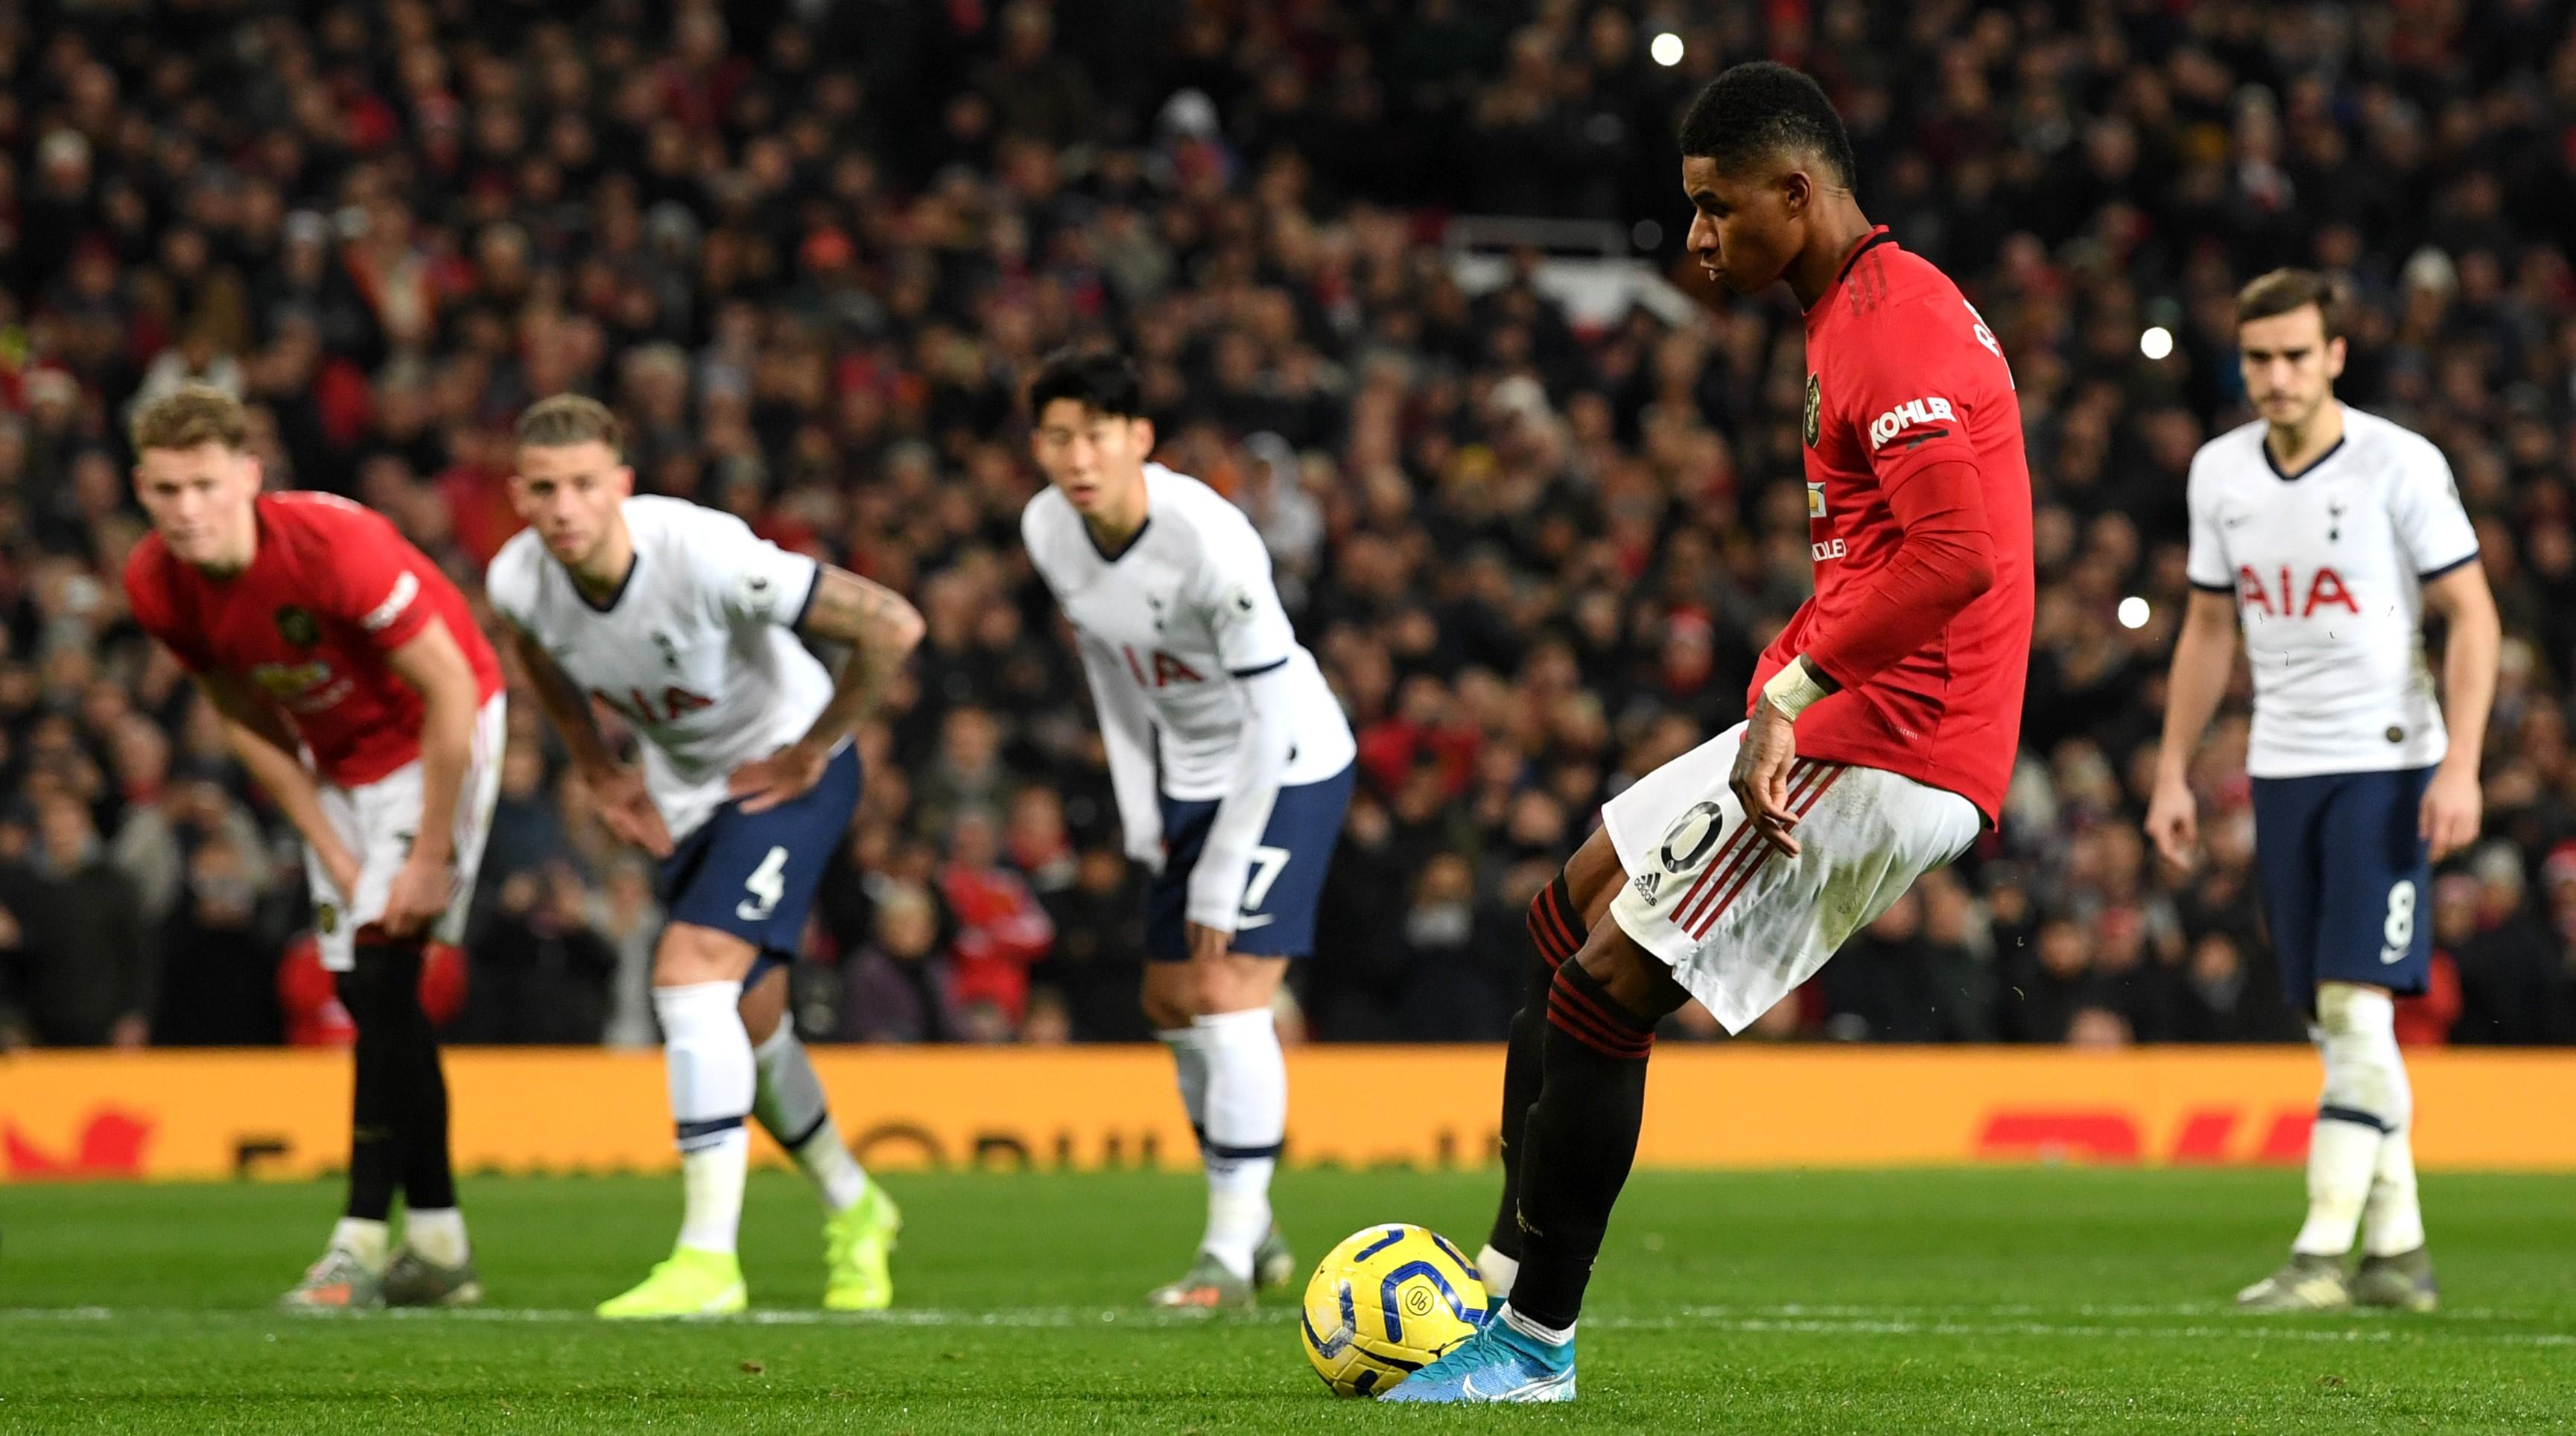 Laporan Pertandingan Manchester United Vs Tottenham Hotspur